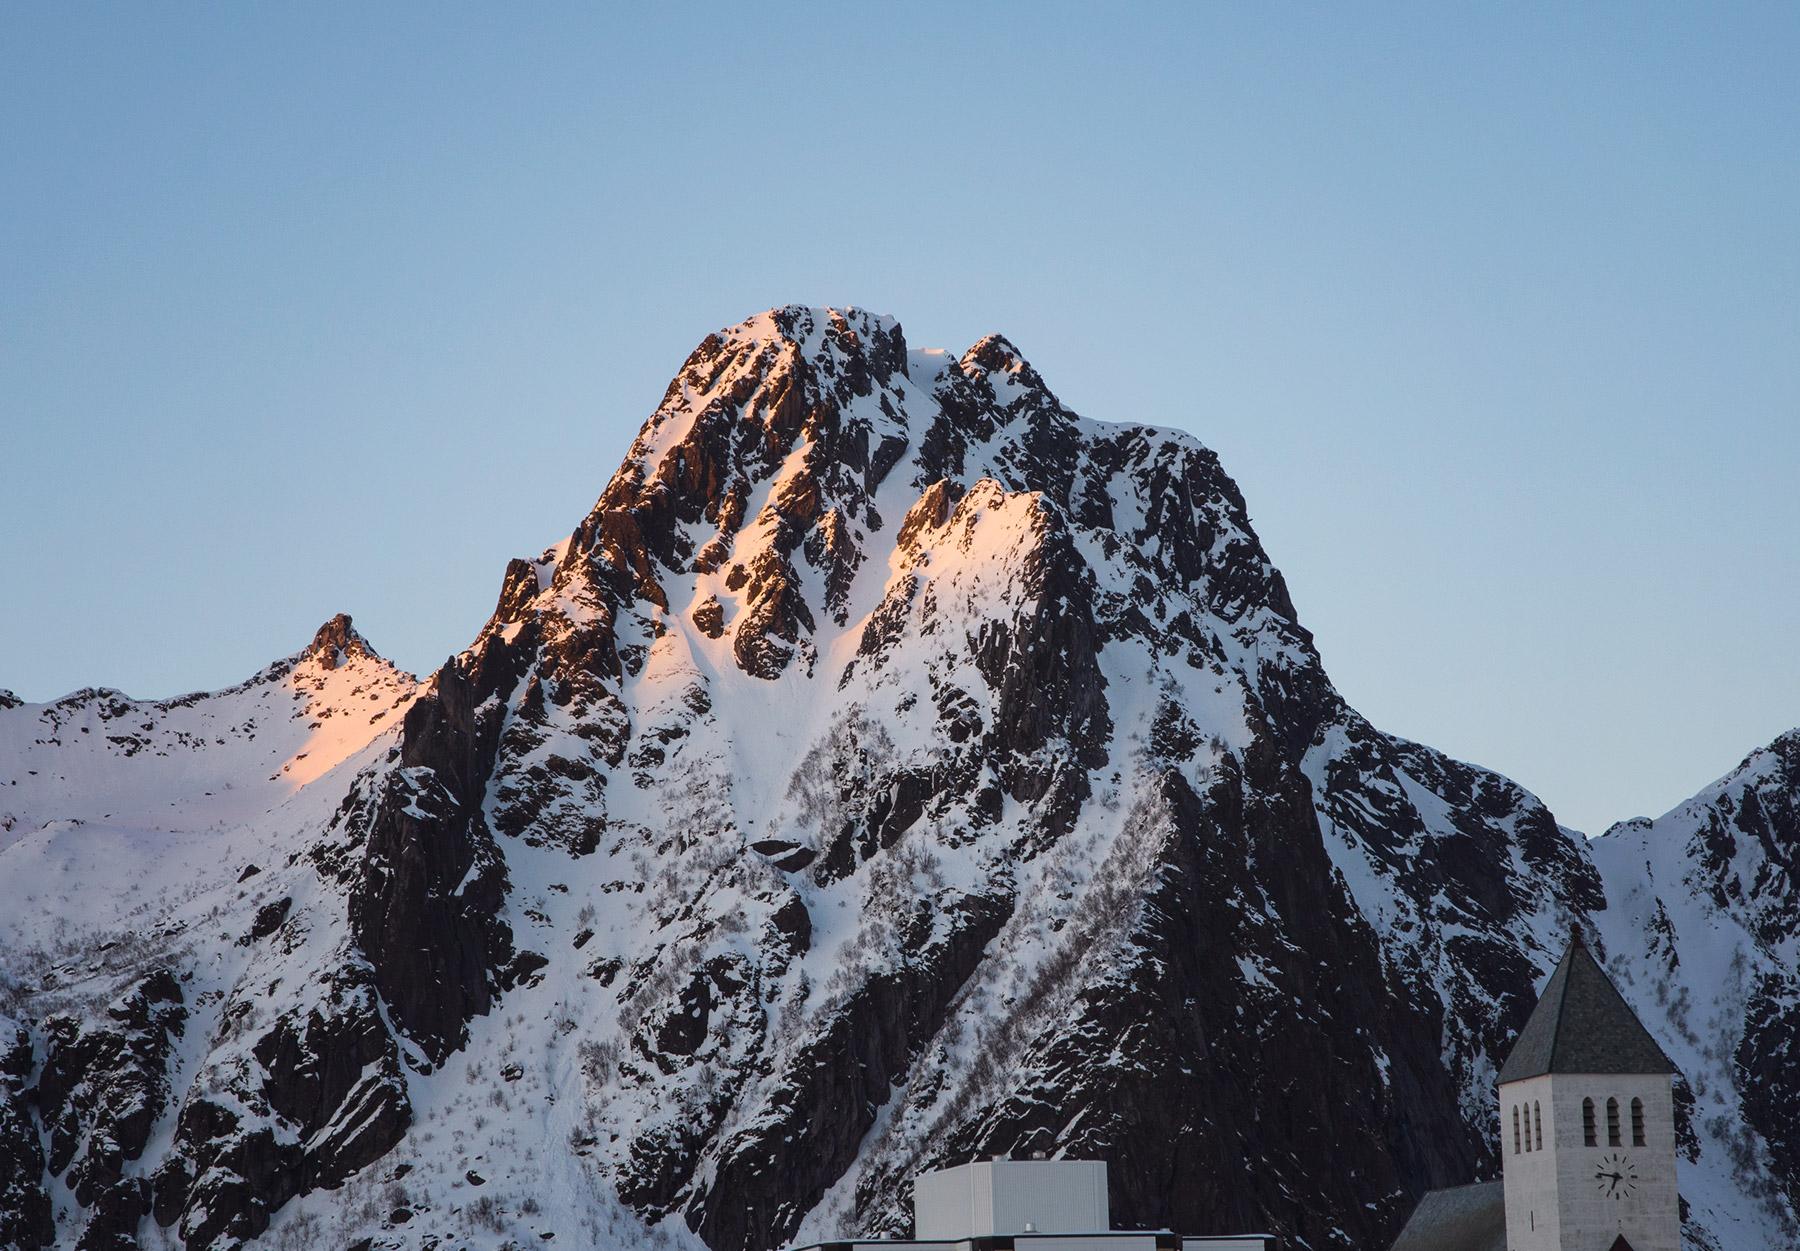 Orange glow on mountain top